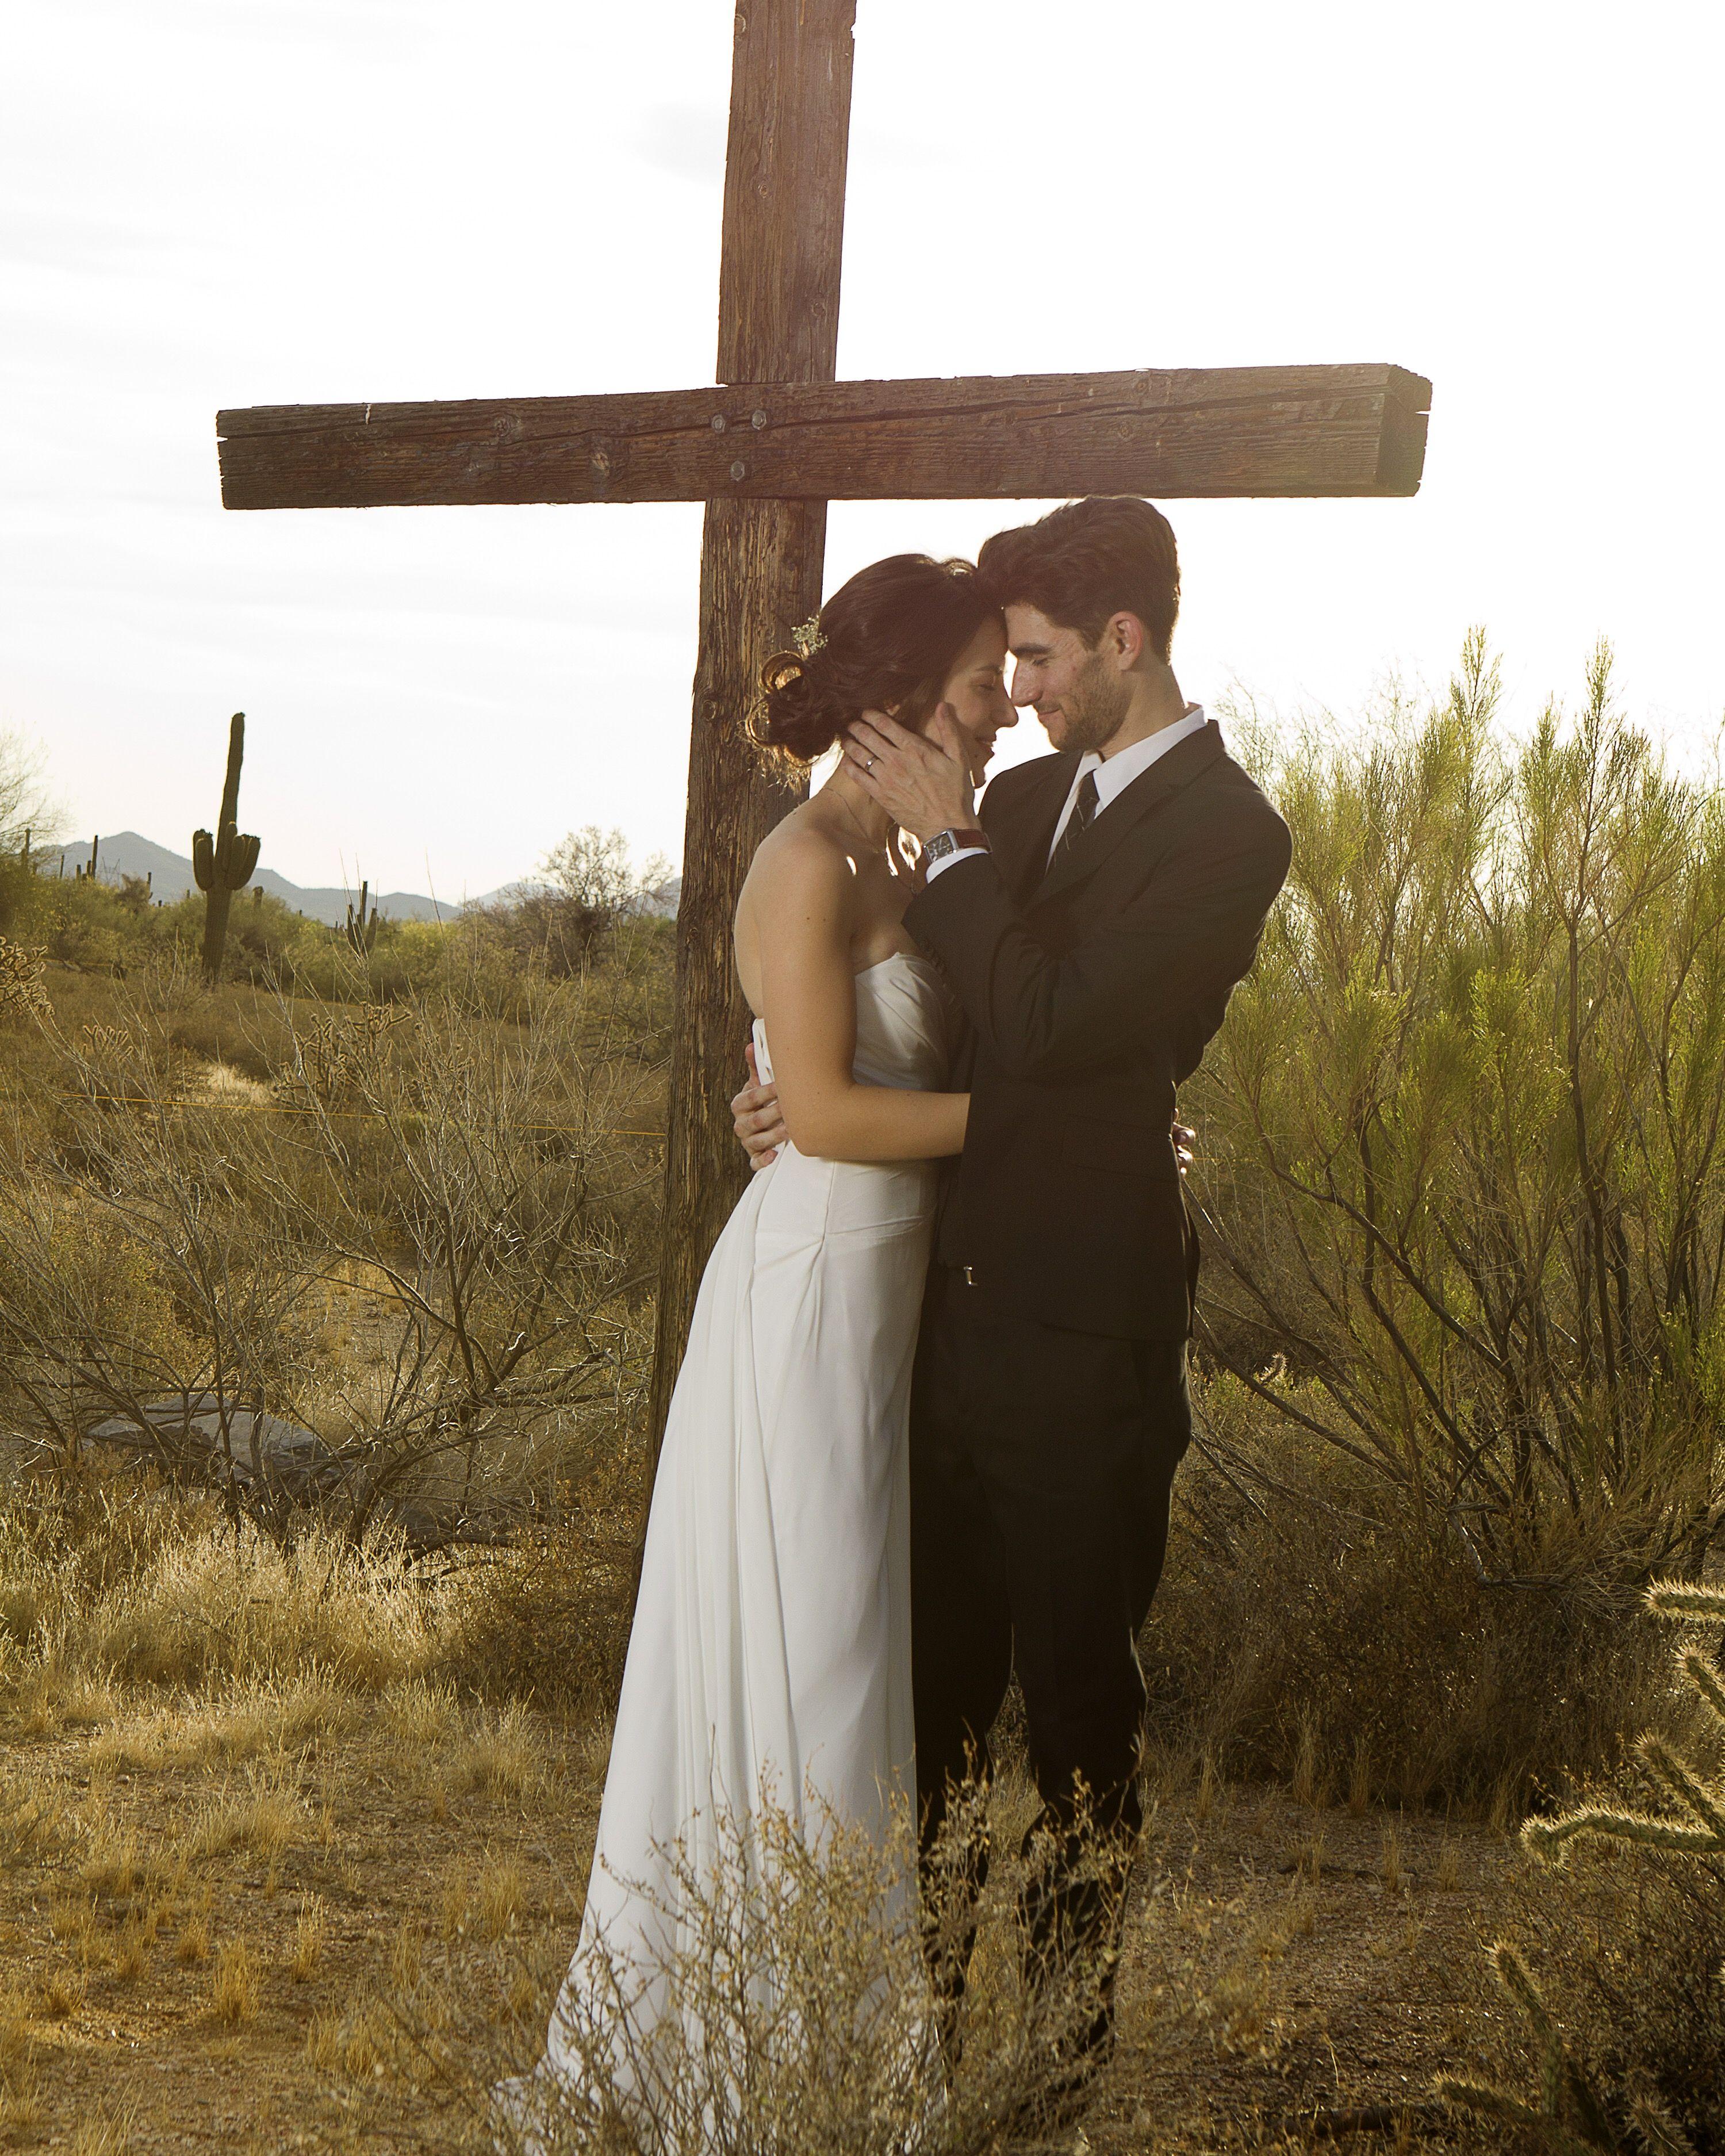 #desertwedding #Arizonawedding #outsidewedding